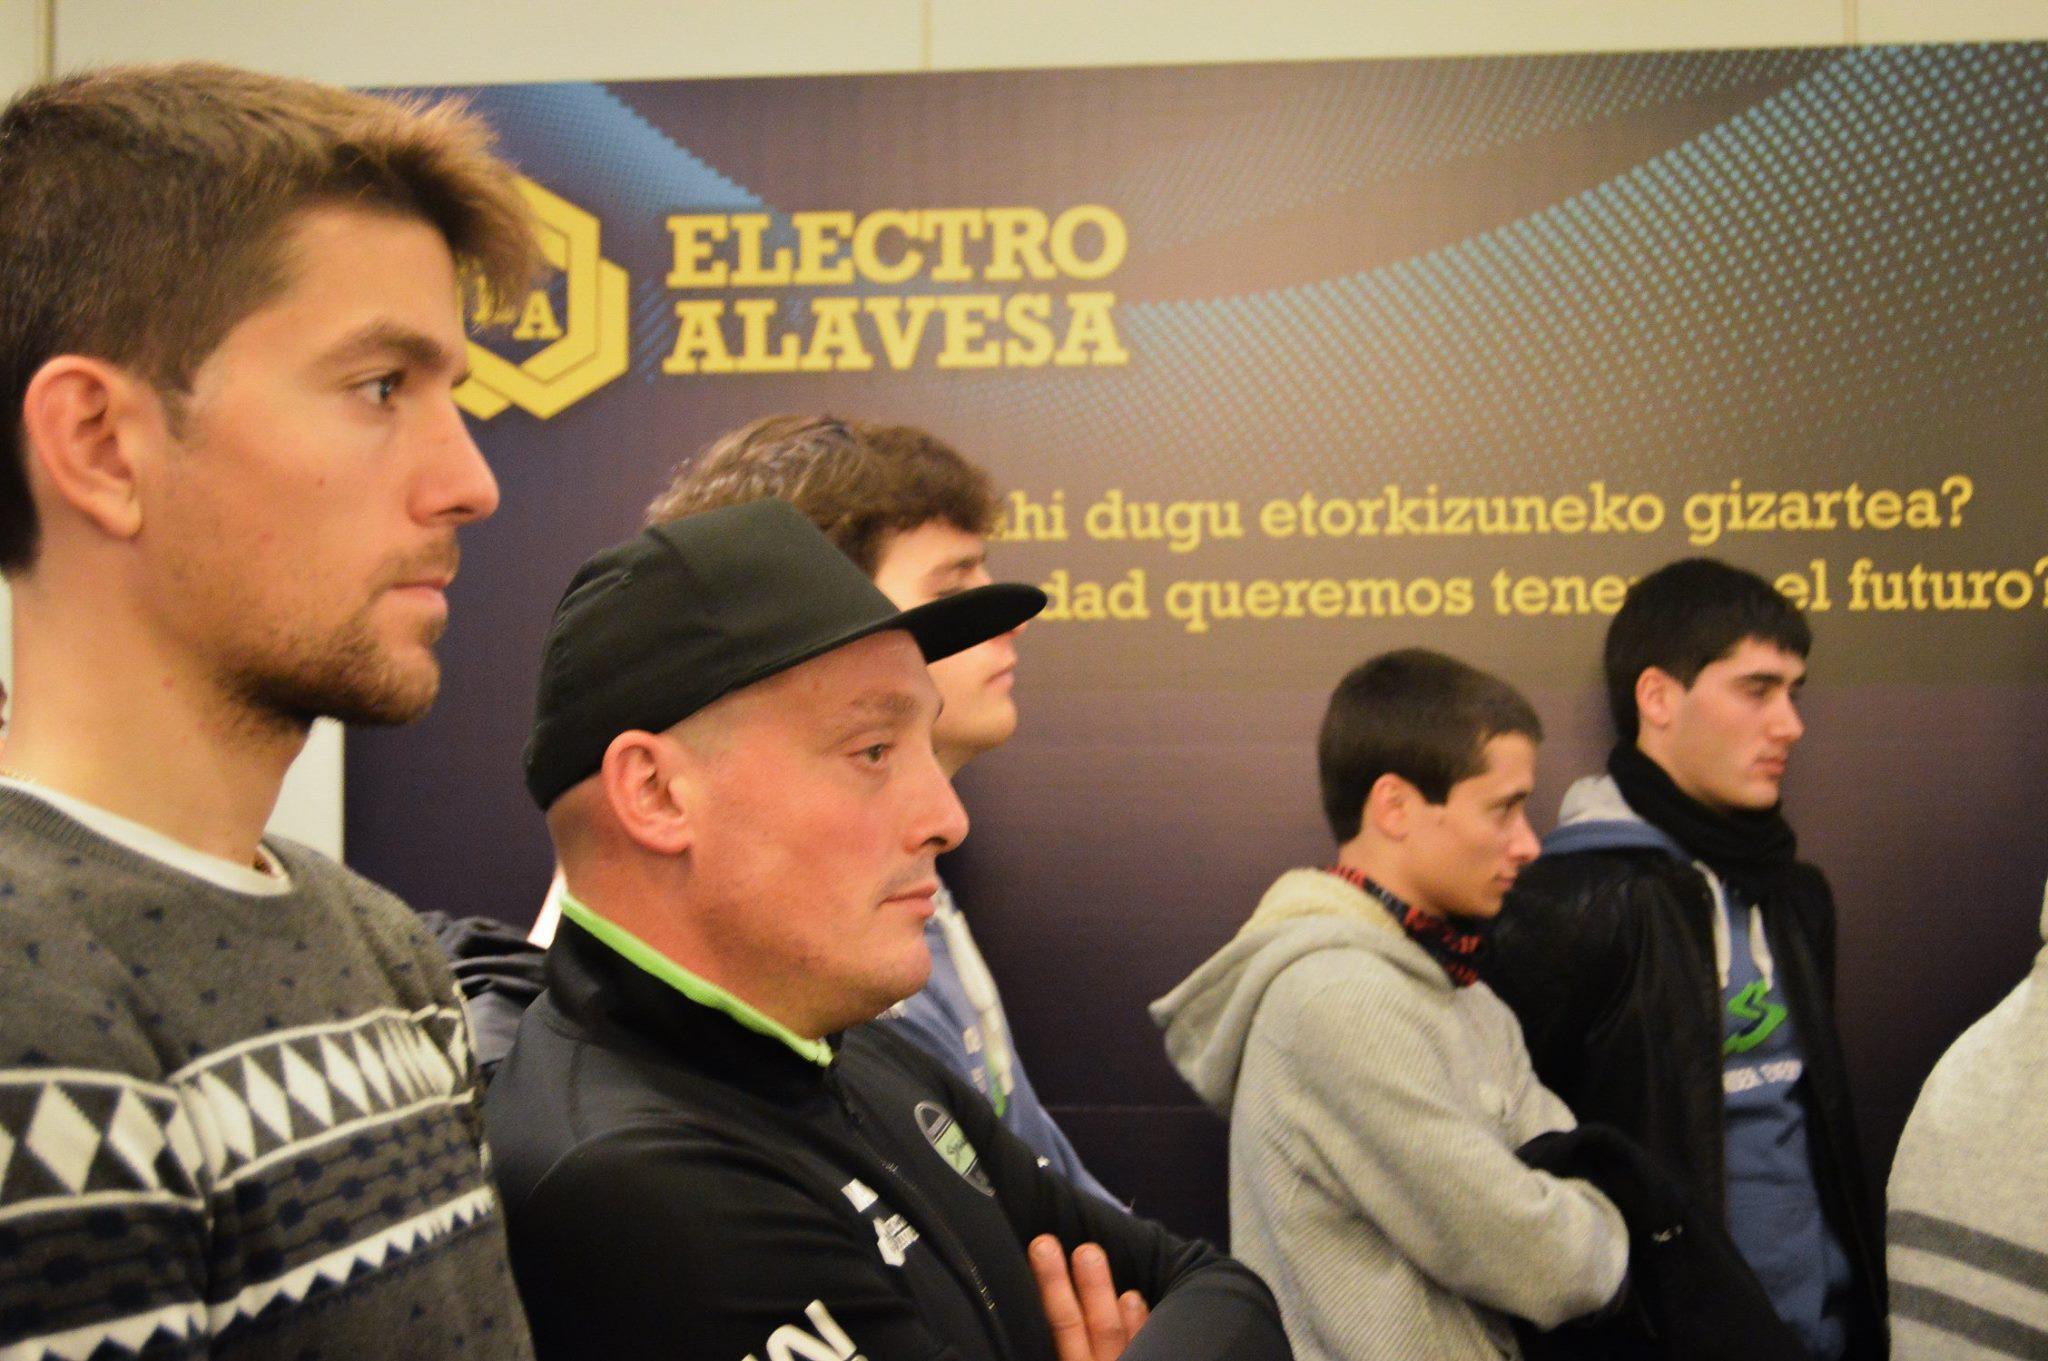 Presentación Electroalavesa